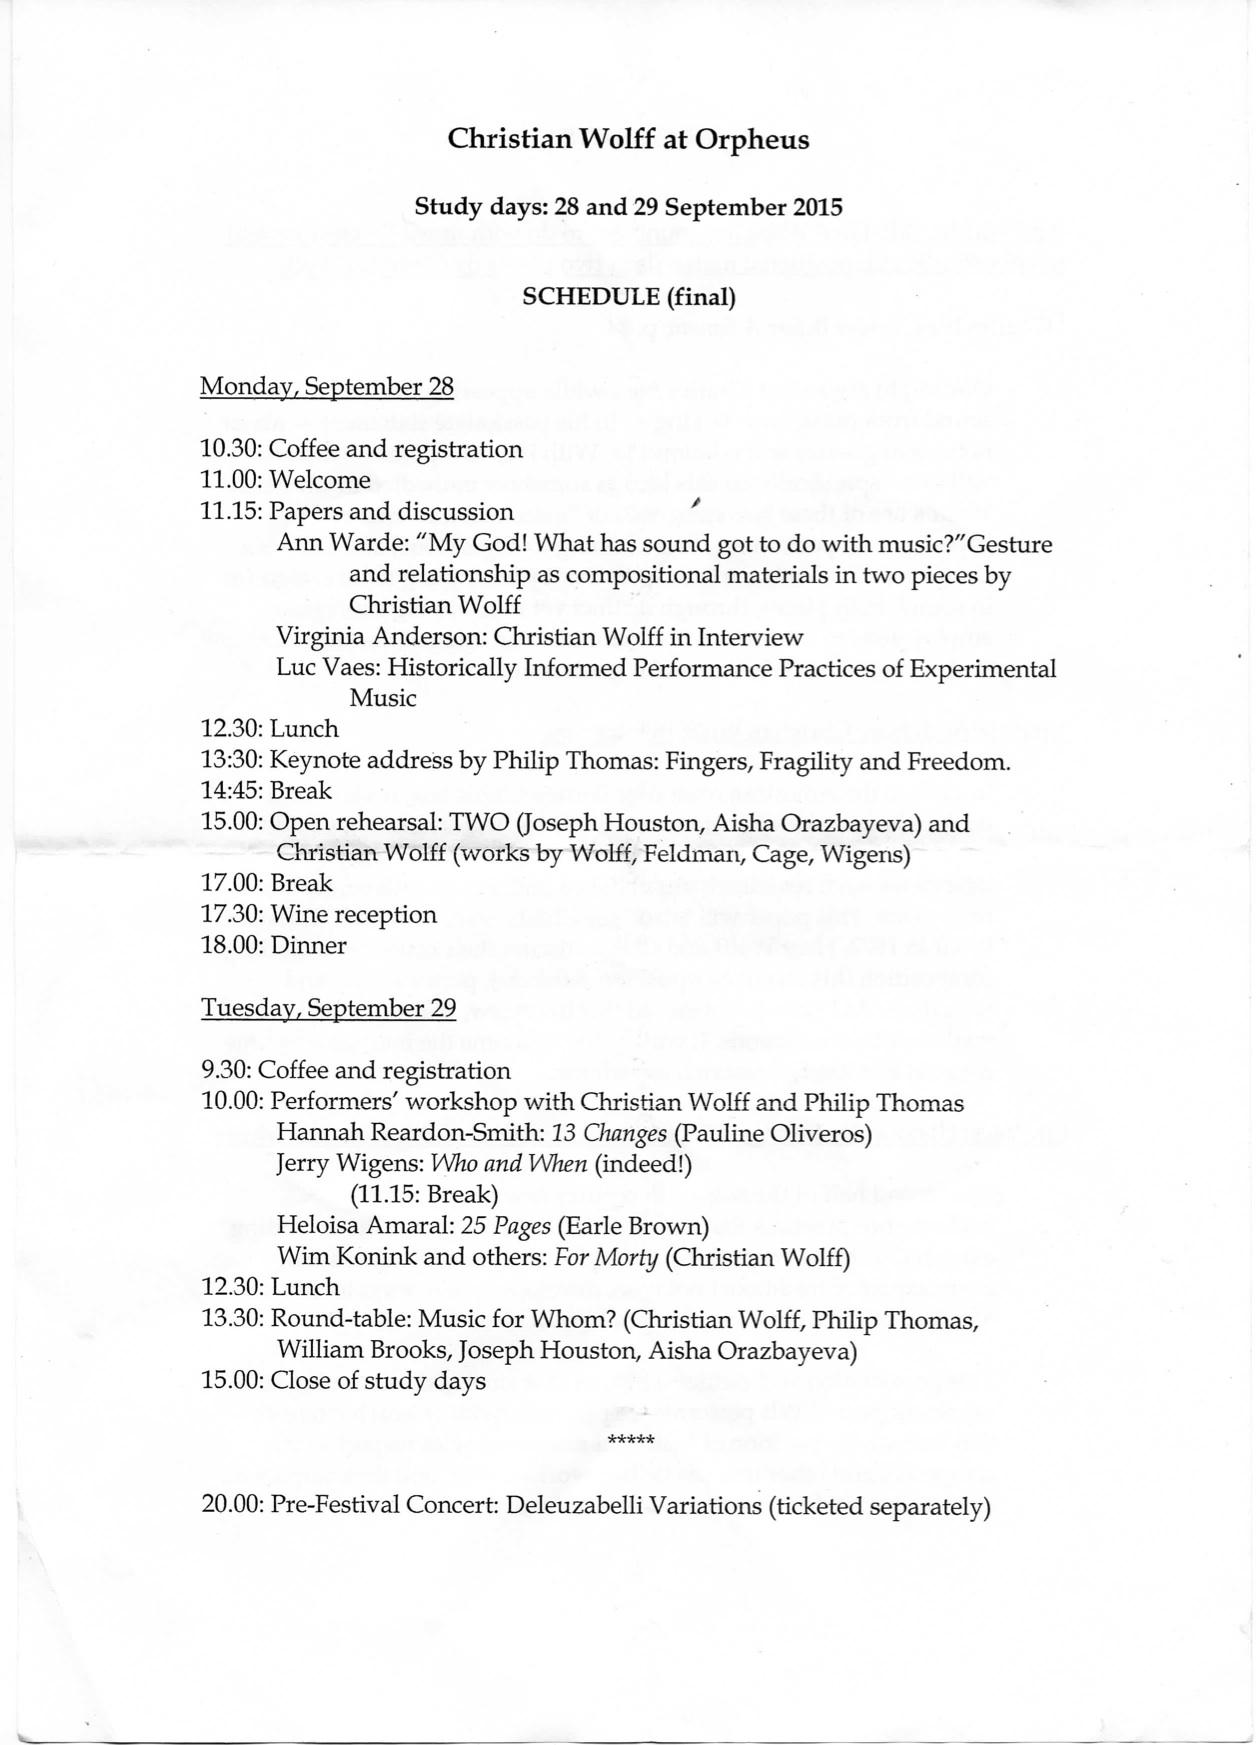 orpheus programme